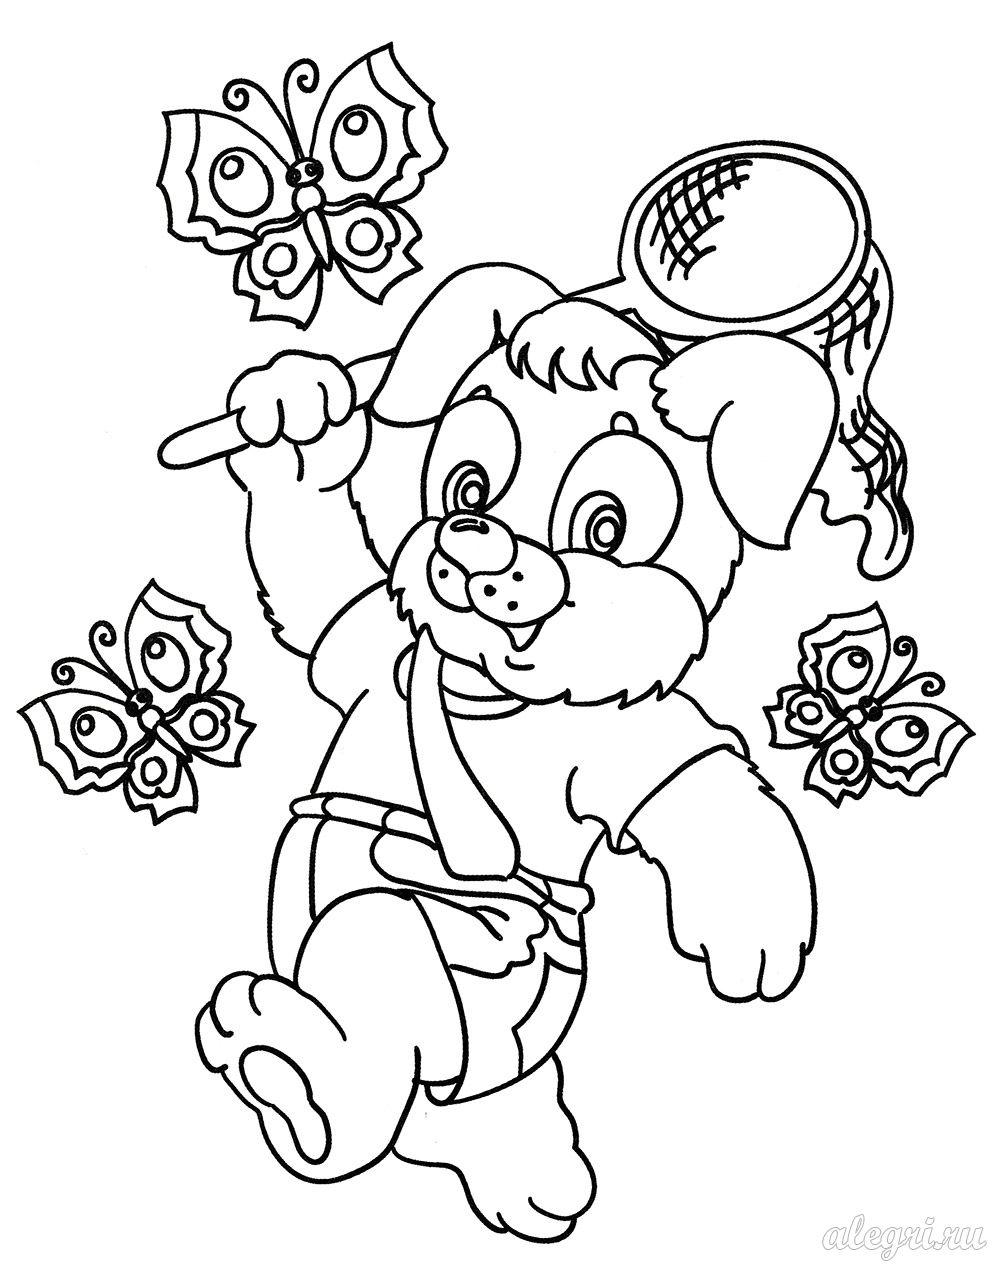 Раскраска. Скачать раскраски для детей 3-5 лет. пони в цветах | 1269x1000